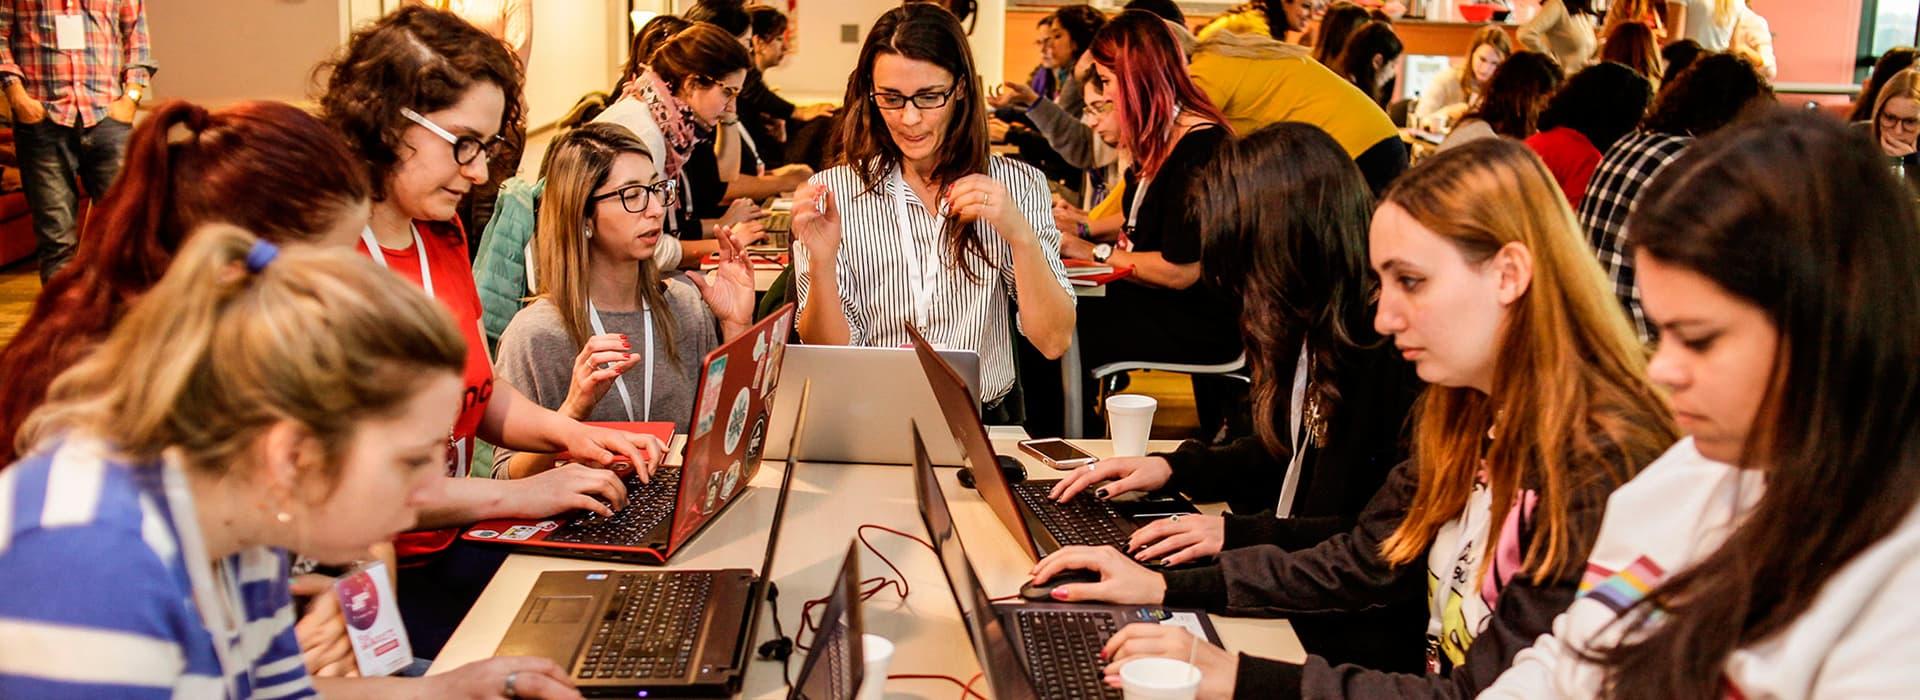 Imagen | Carreras STEM y brecha digital